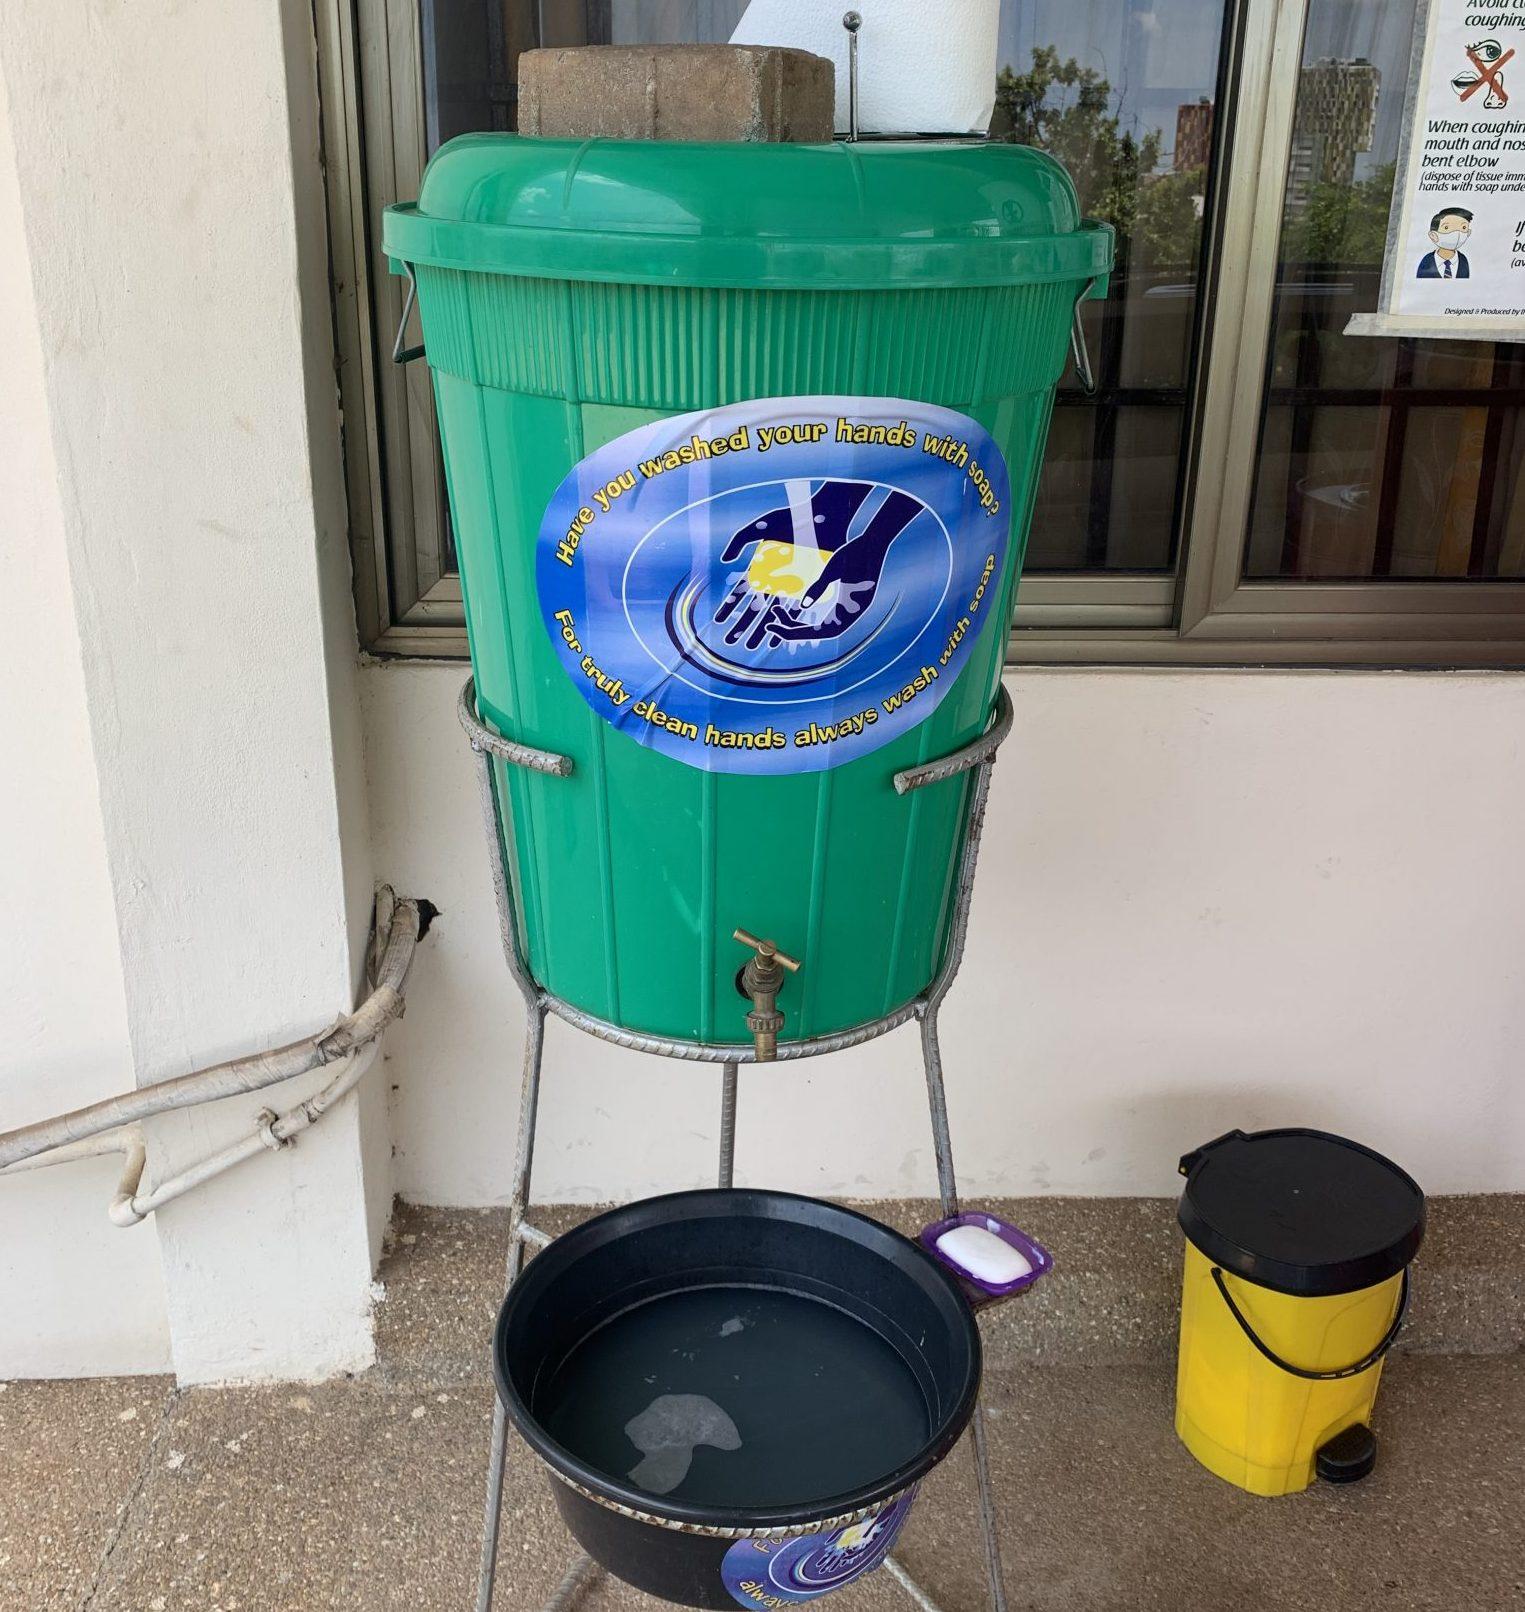 Handwashing basin set up by CWSA